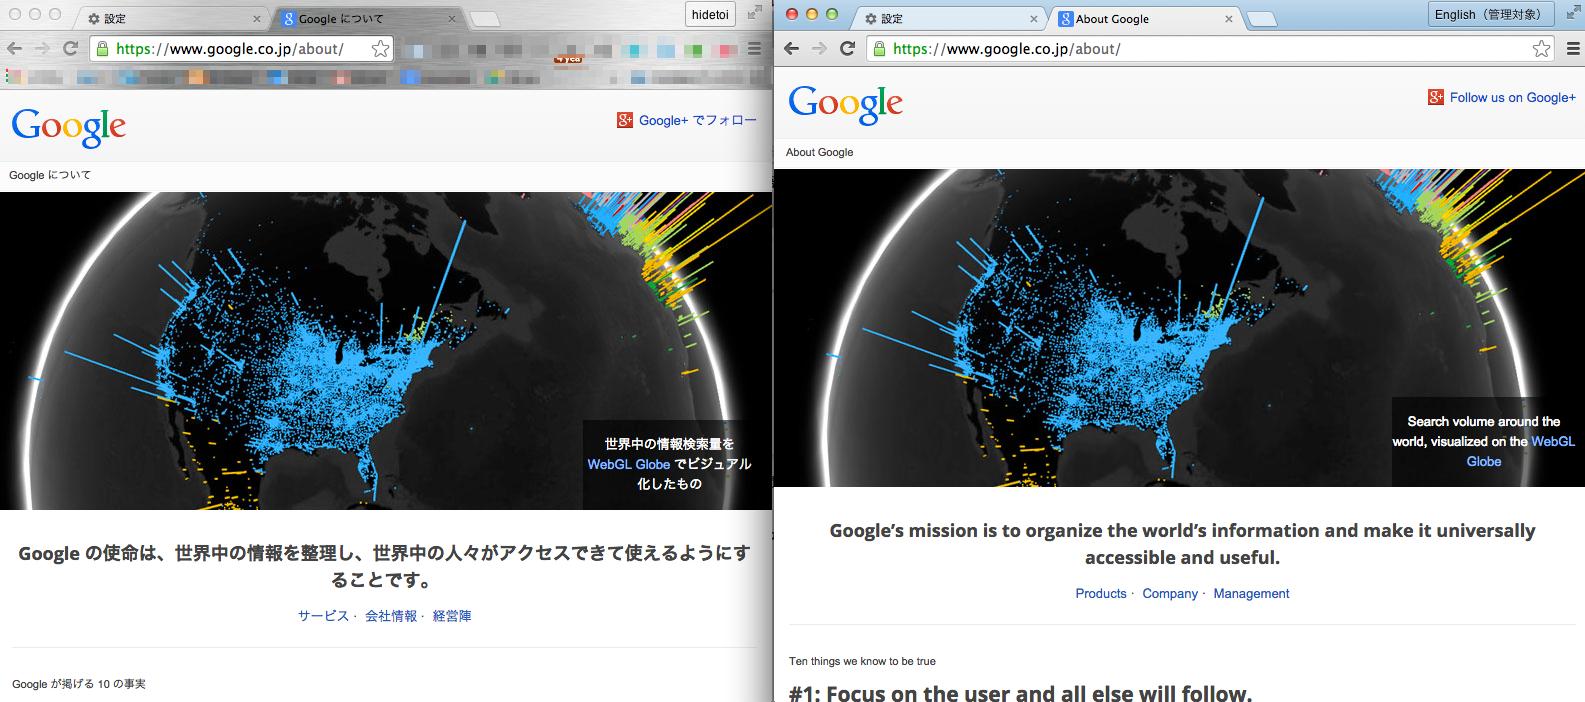 About_Google_と_Google_について_と_Google_について.png